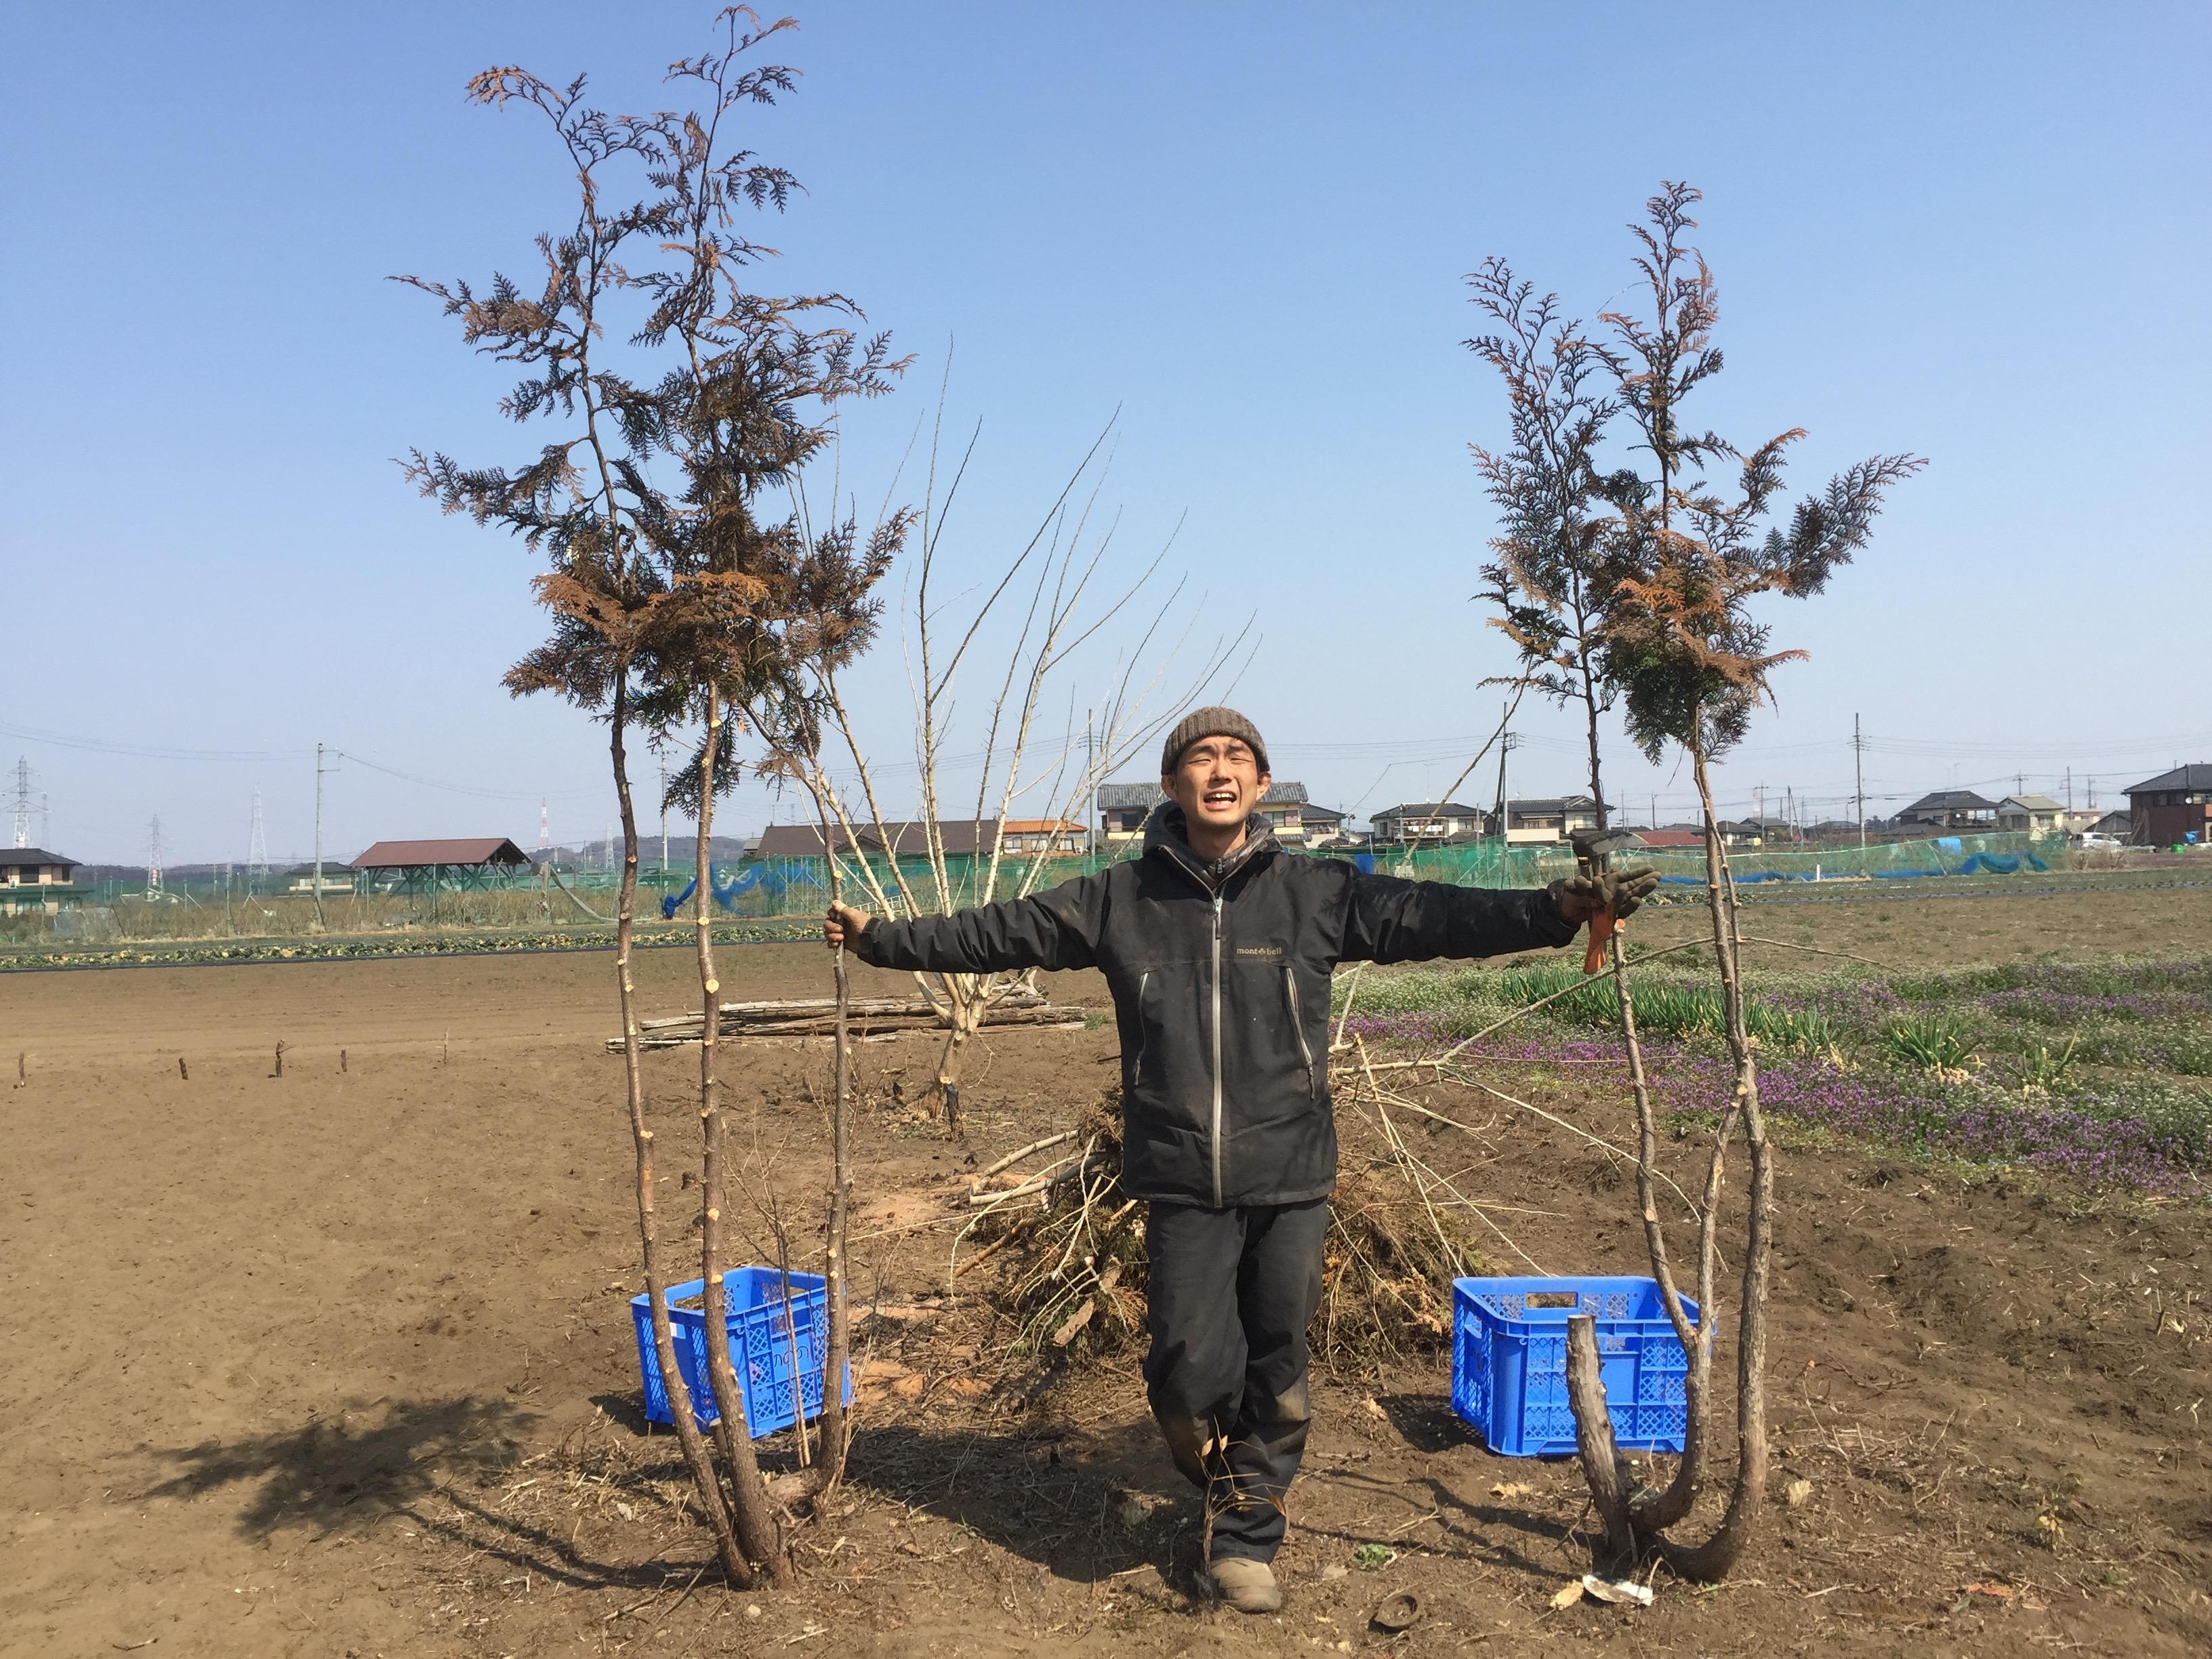 畑の木を切るのは簡単だが、うちは共存をしようと思う!